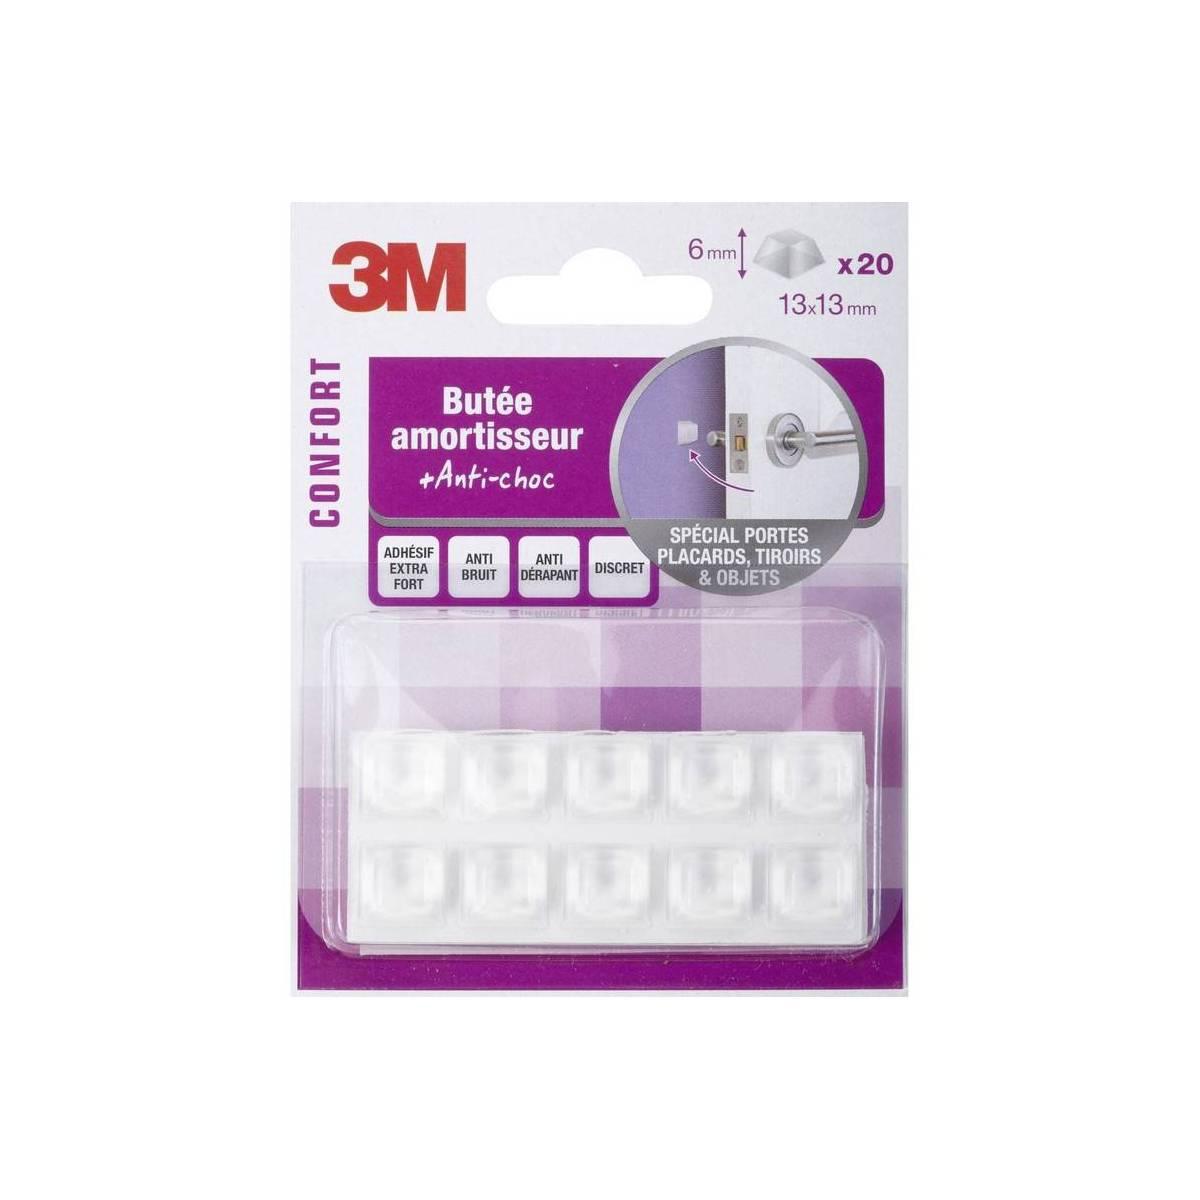 3M - 20 Amortisseurs en Plastique Antichoc - 13 x 13 mm